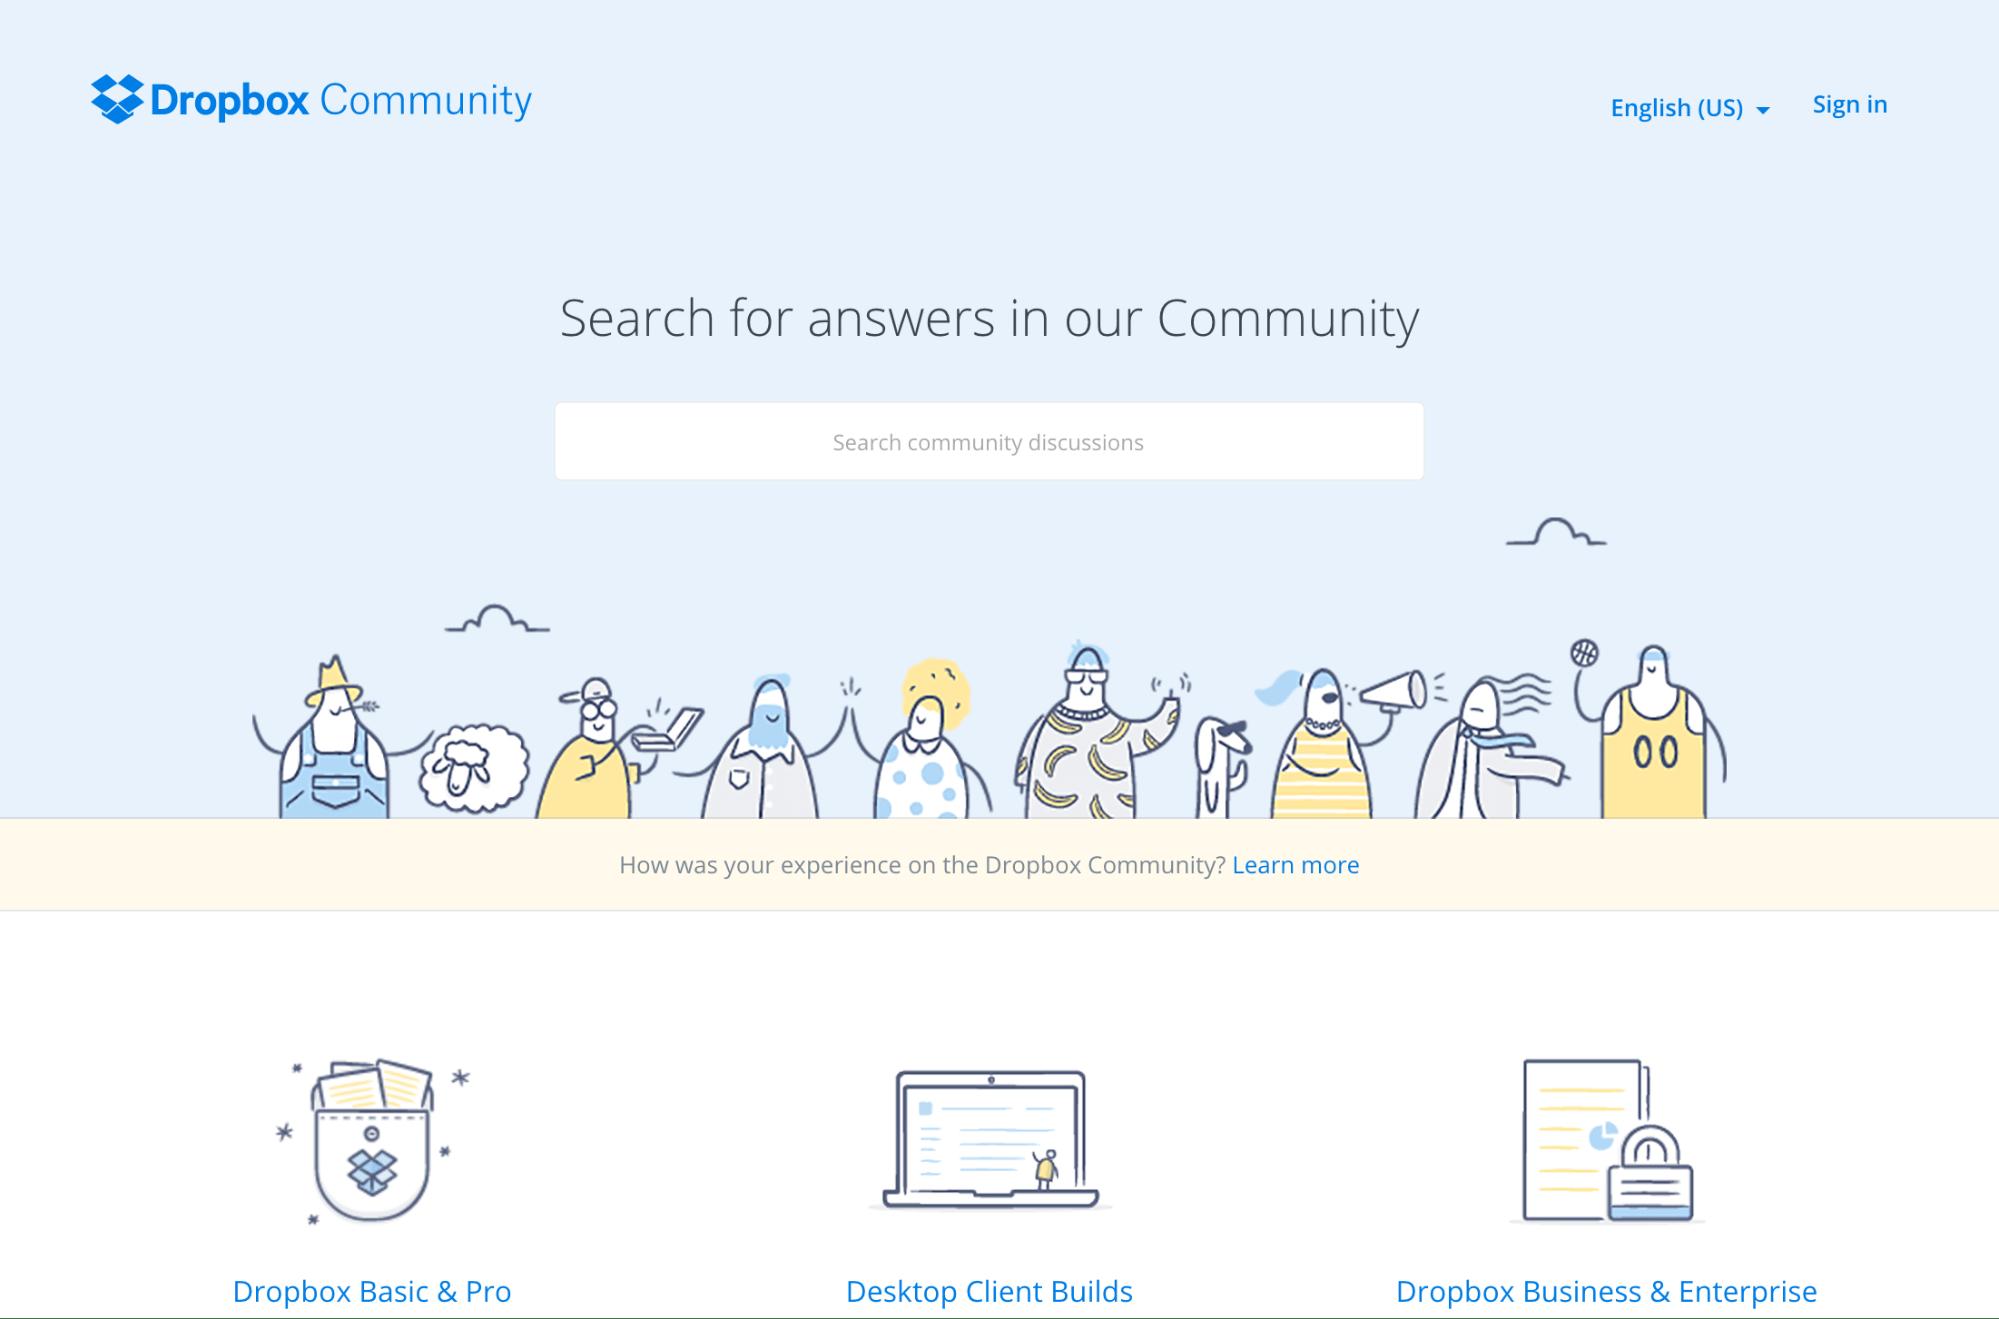 DropBox Community